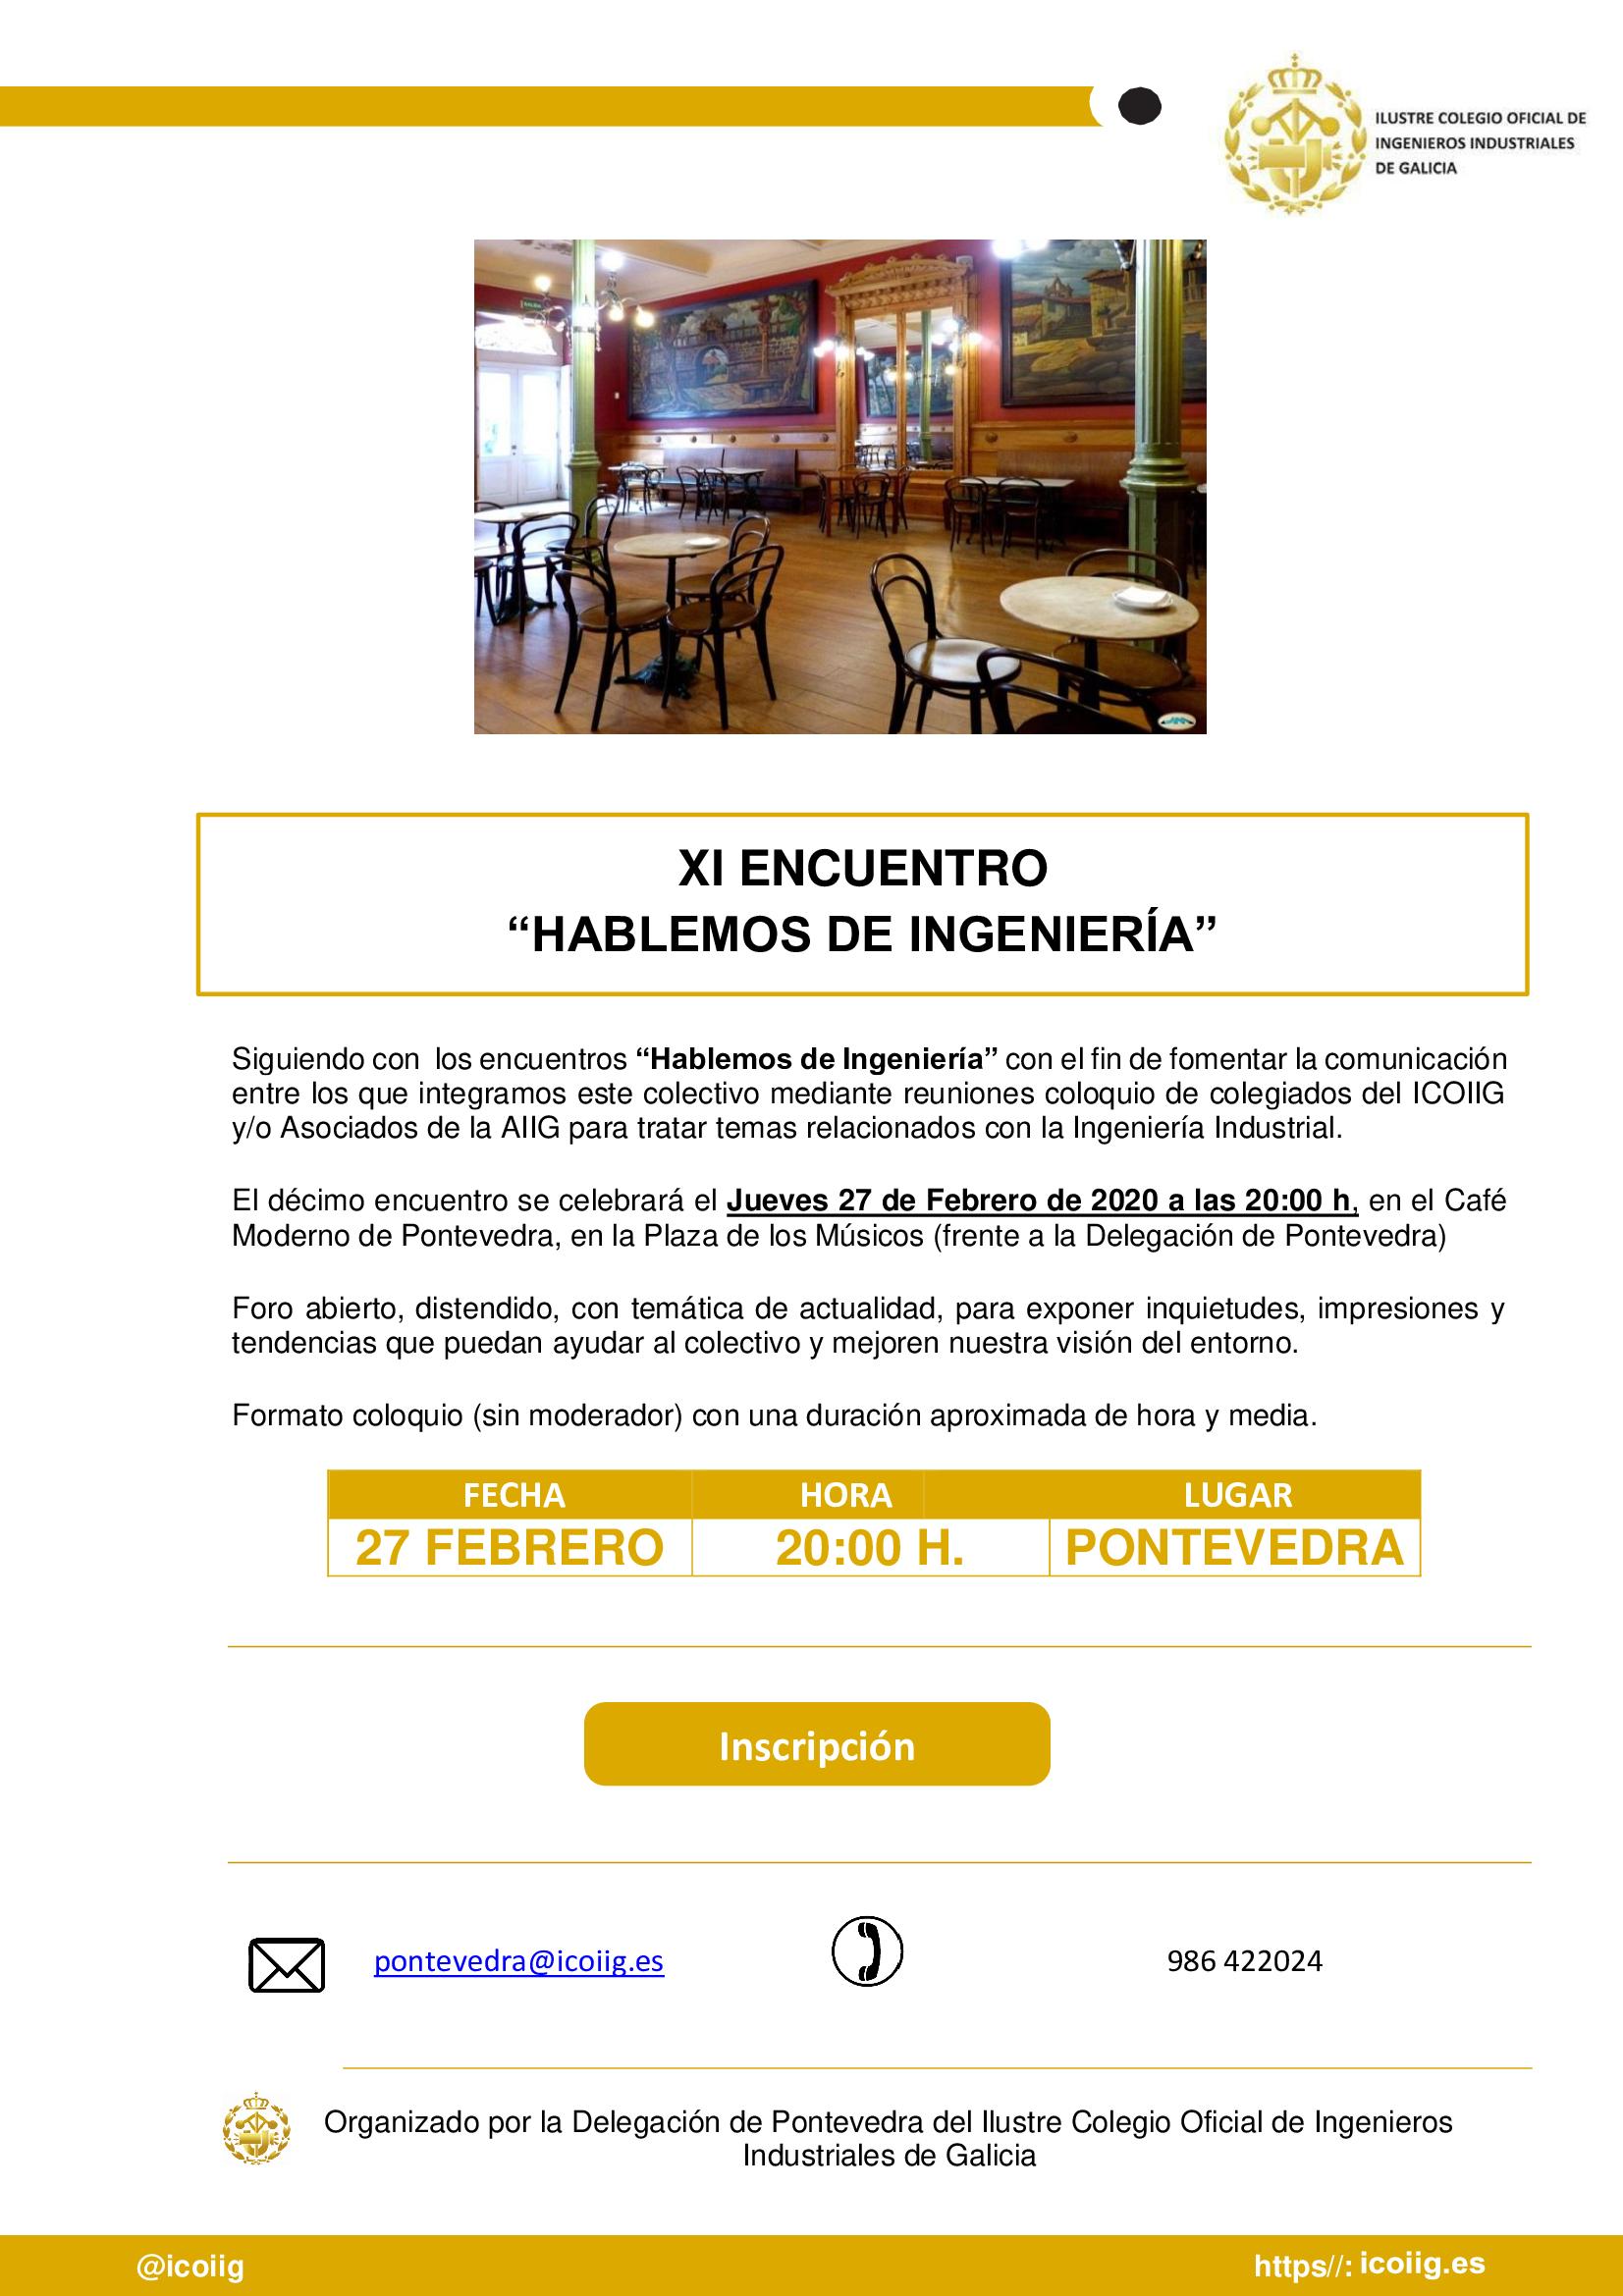 XI Encuentro